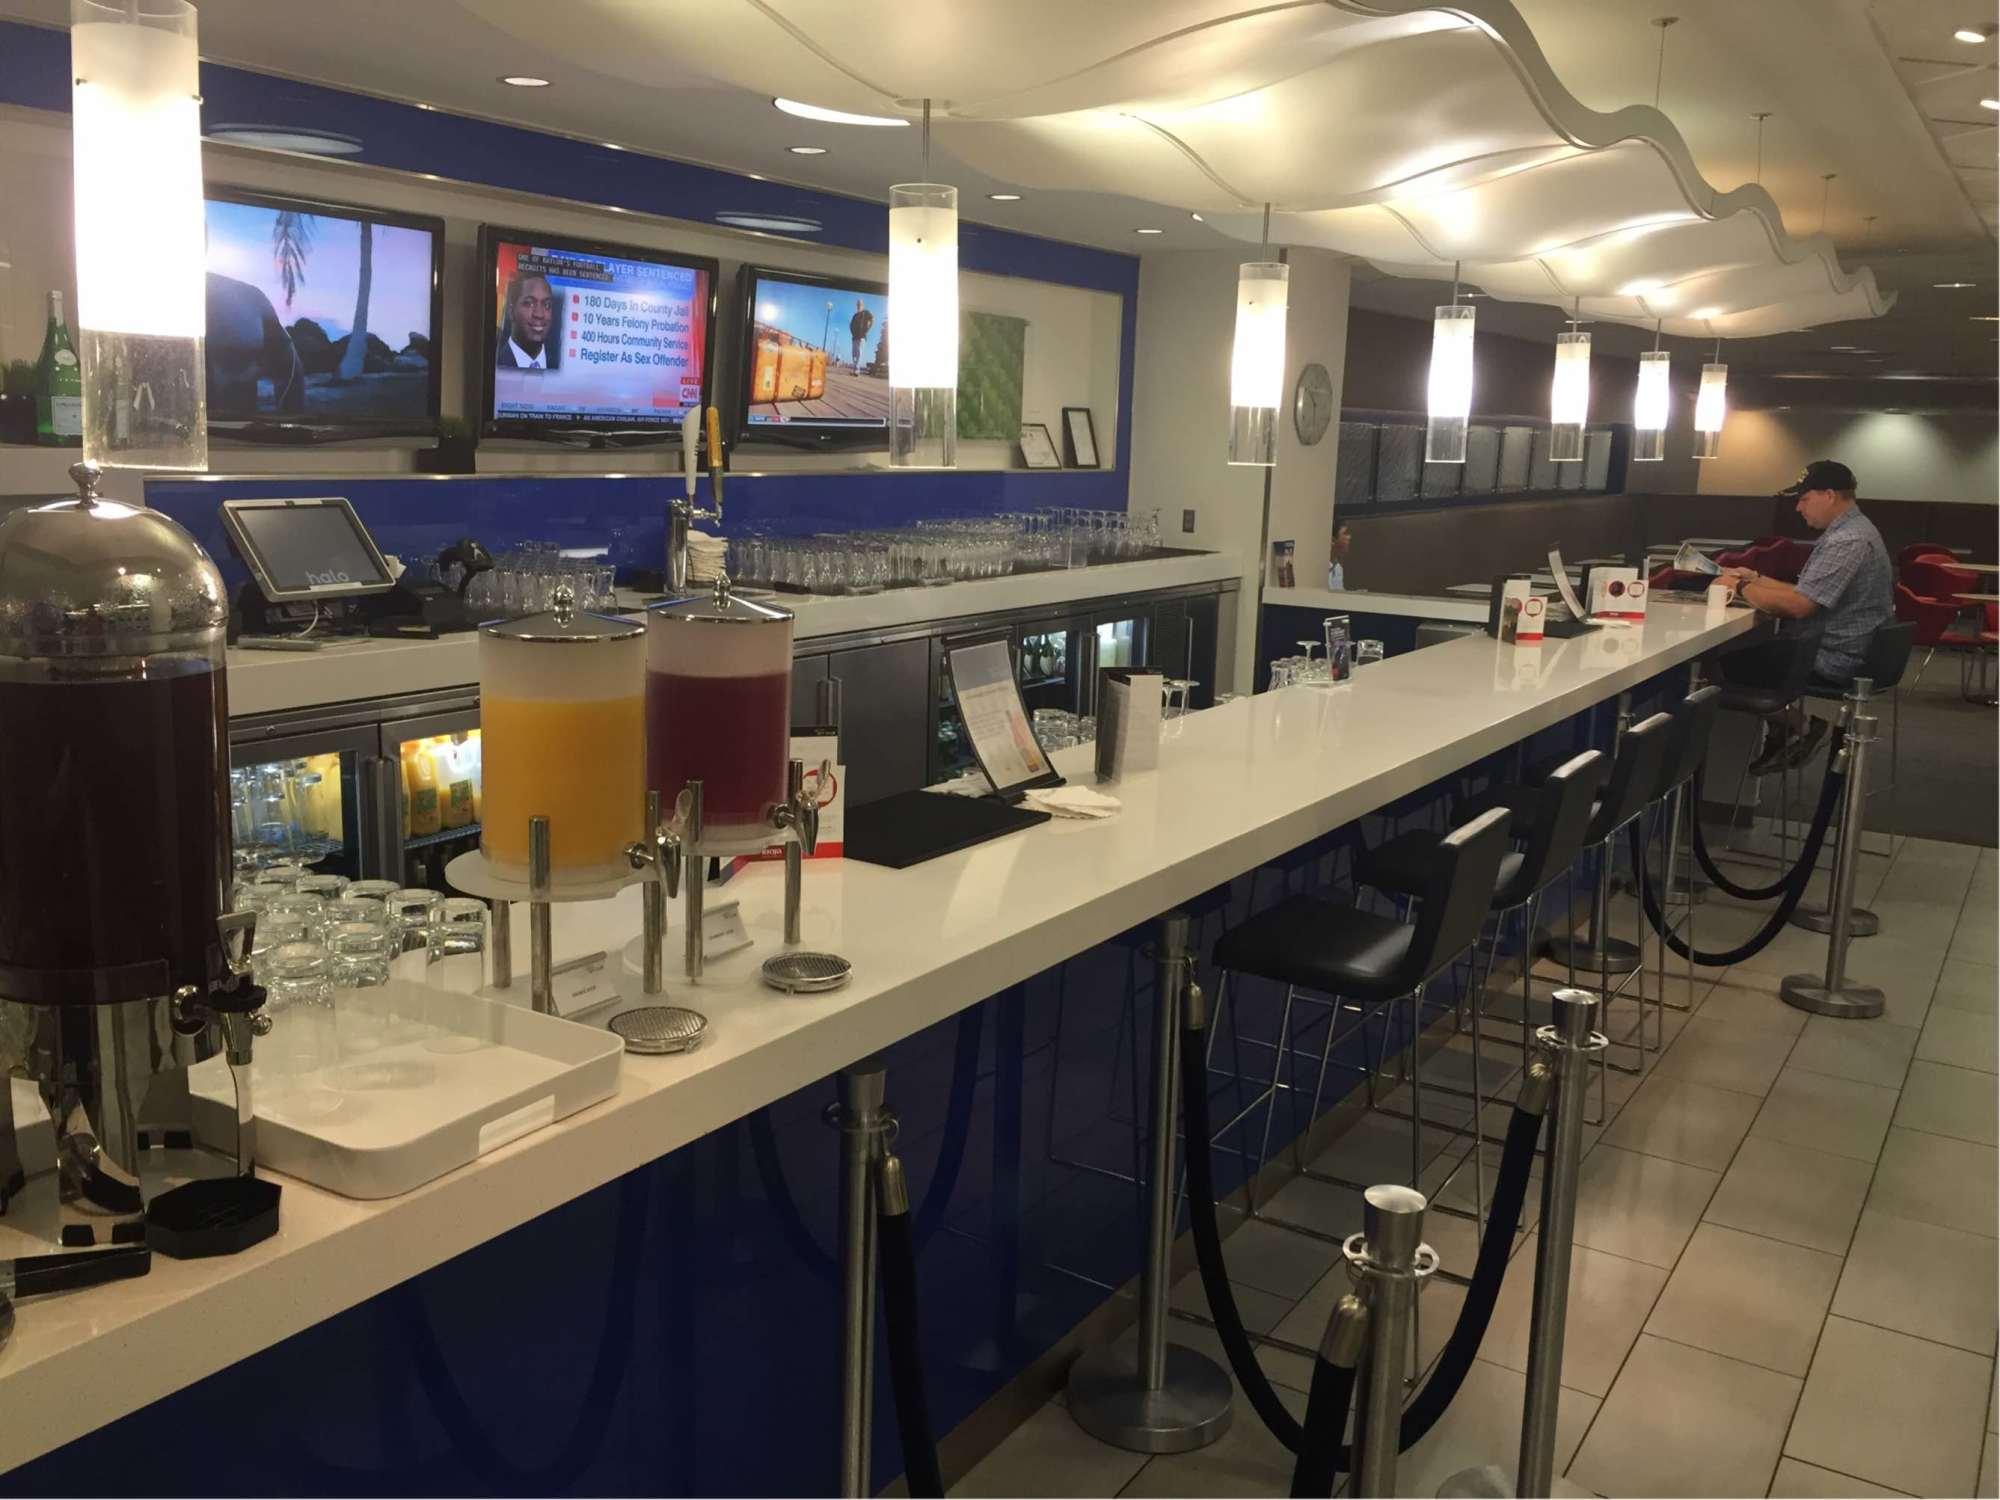 Msp Delta Air Lines Delta Sky Club Reviews Amp Photos